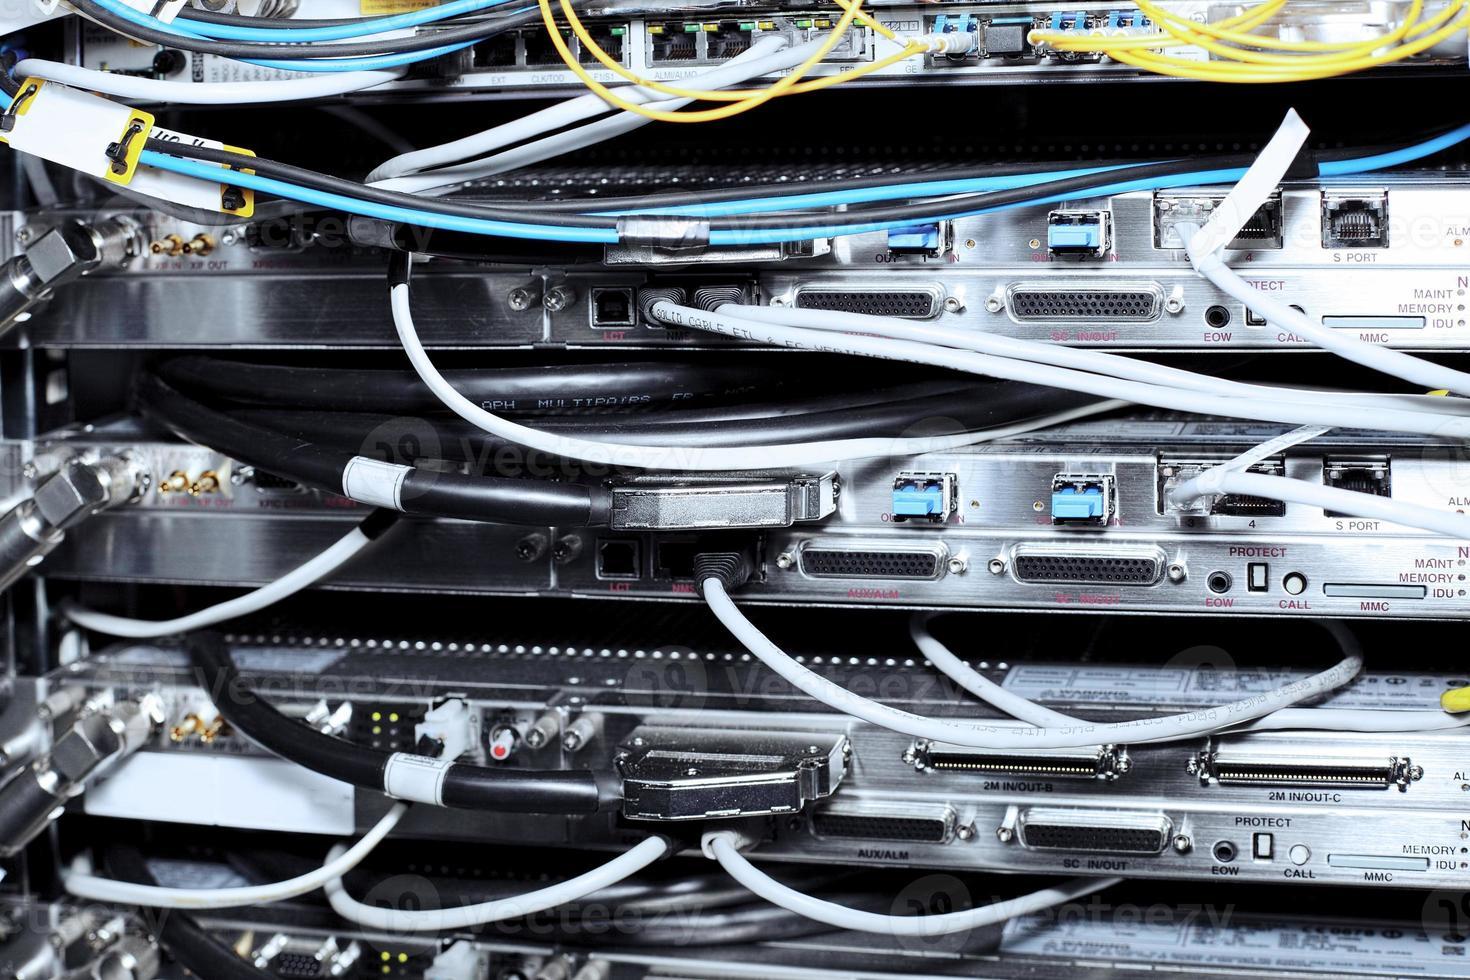 Equipos de telecomunicaciones en un centro de datos. foto